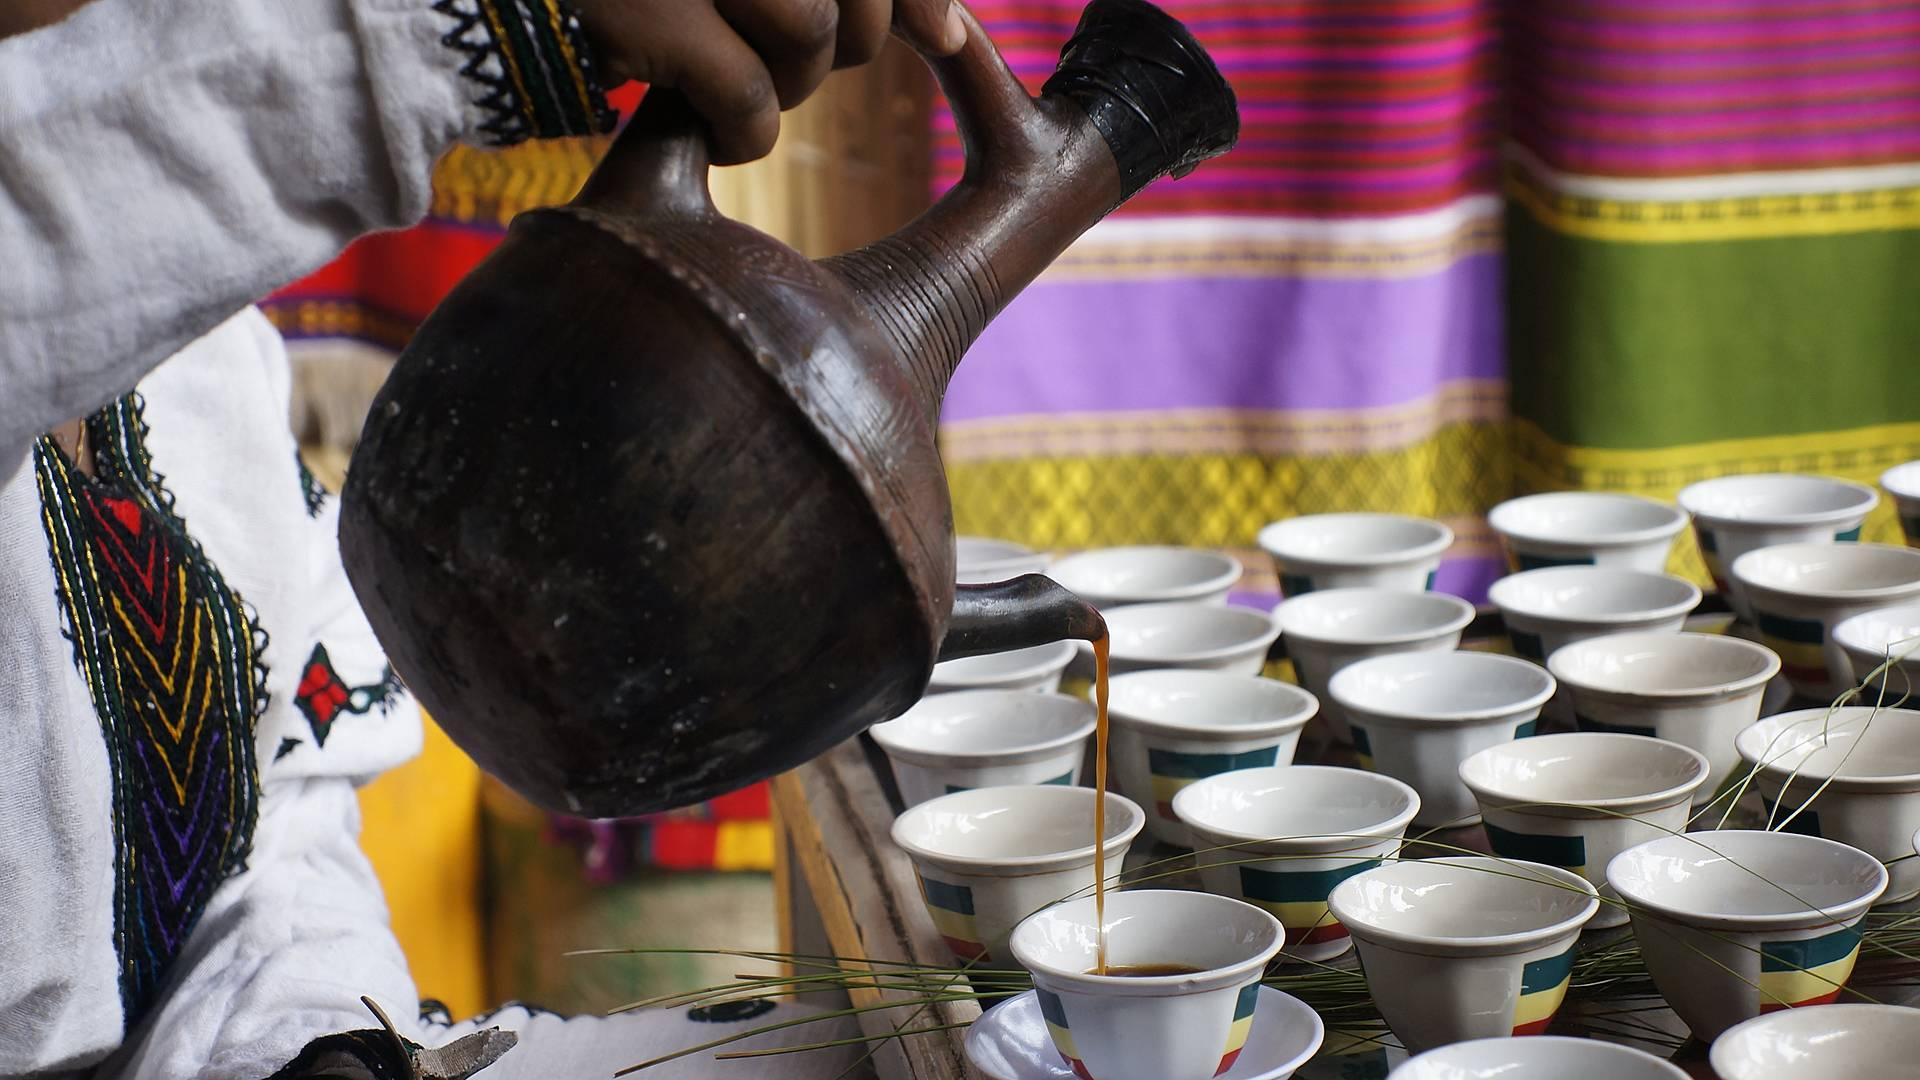 Kaffee, Kaffee, Kaffee - von Harar bis zum letzten wilden Kaffeewald